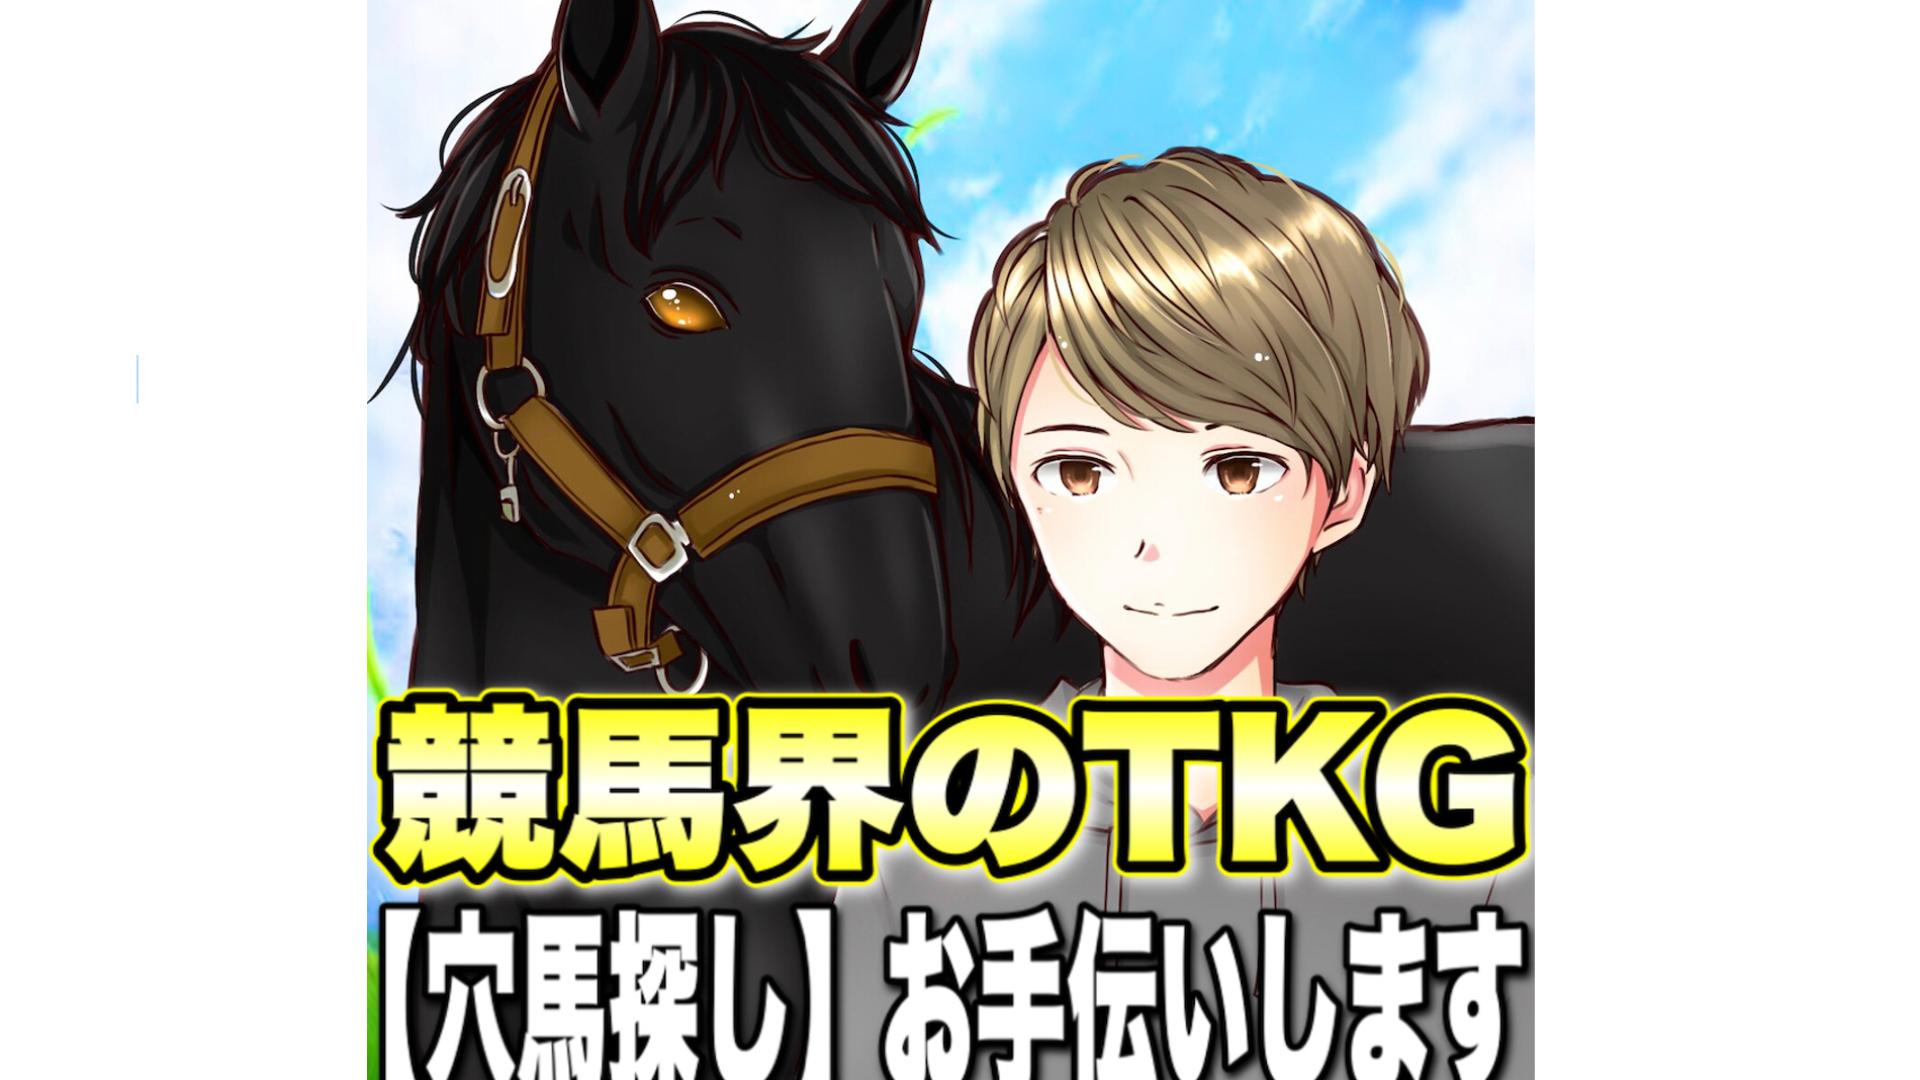 競馬界のTKG - 競馬界のTKG 【穴馬探しお手伝いします】 - DMM オンラインサロン